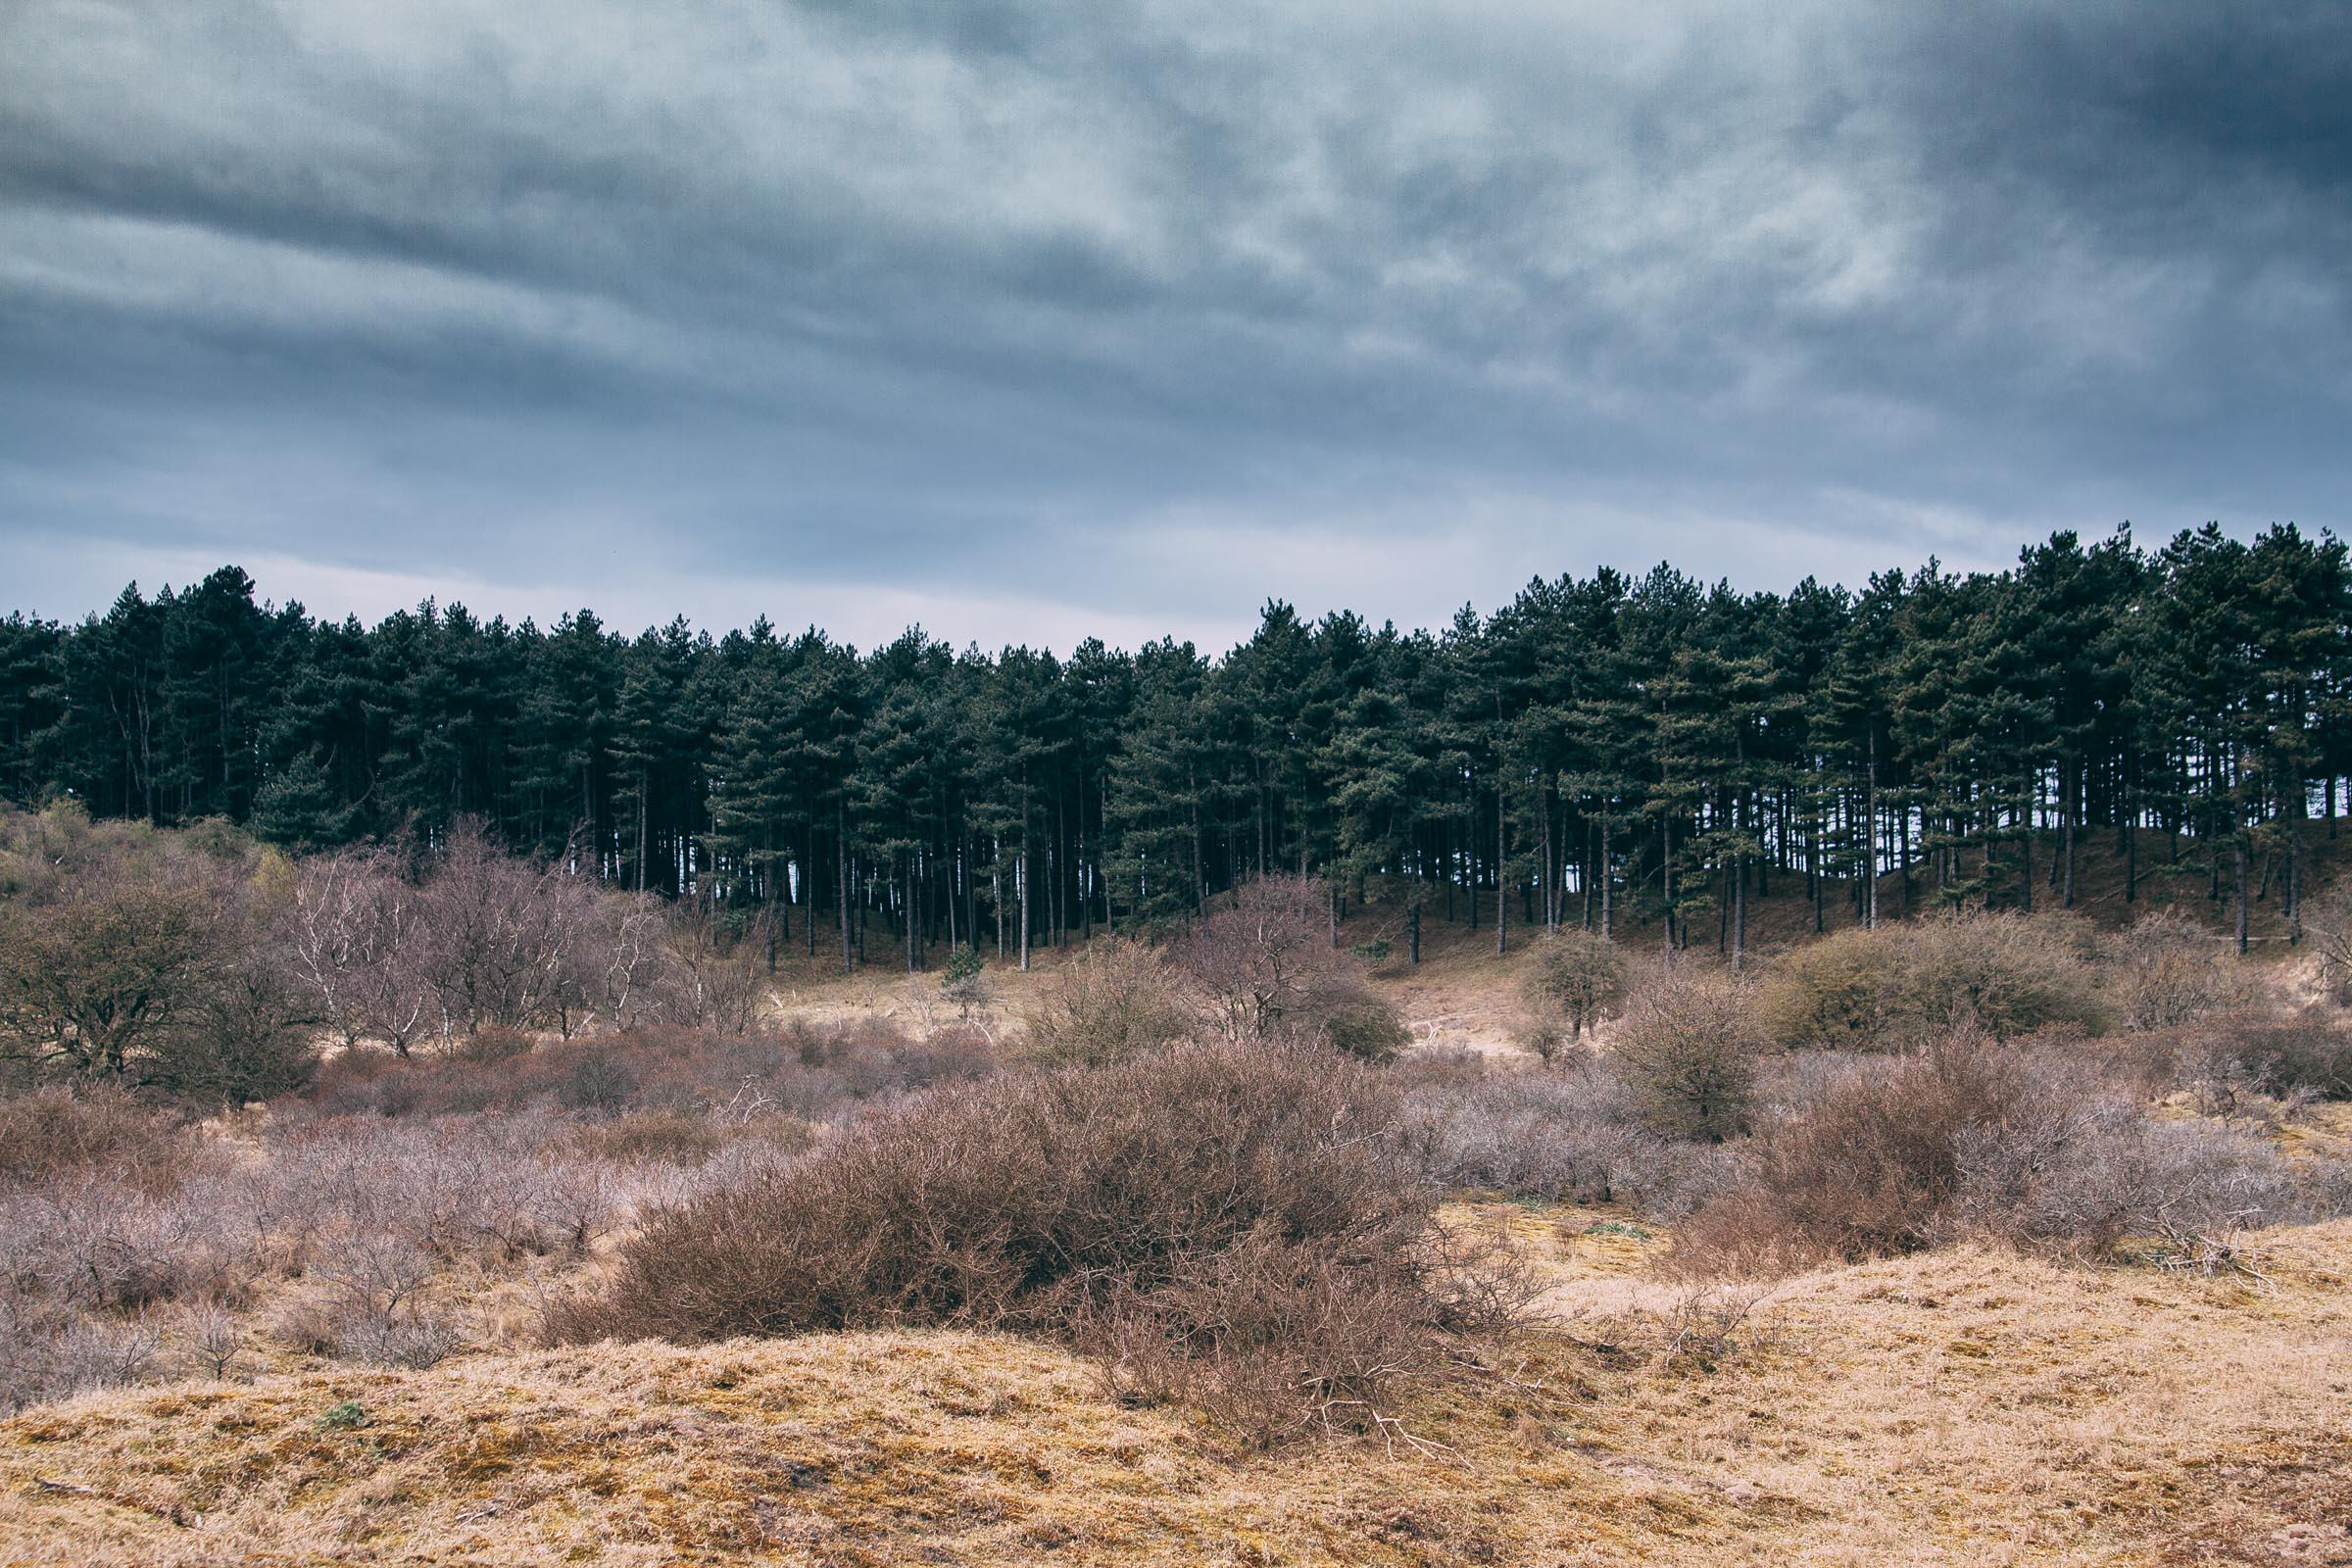 Nationaal Park Zuid-Kennemerland , The Netherlands  2012